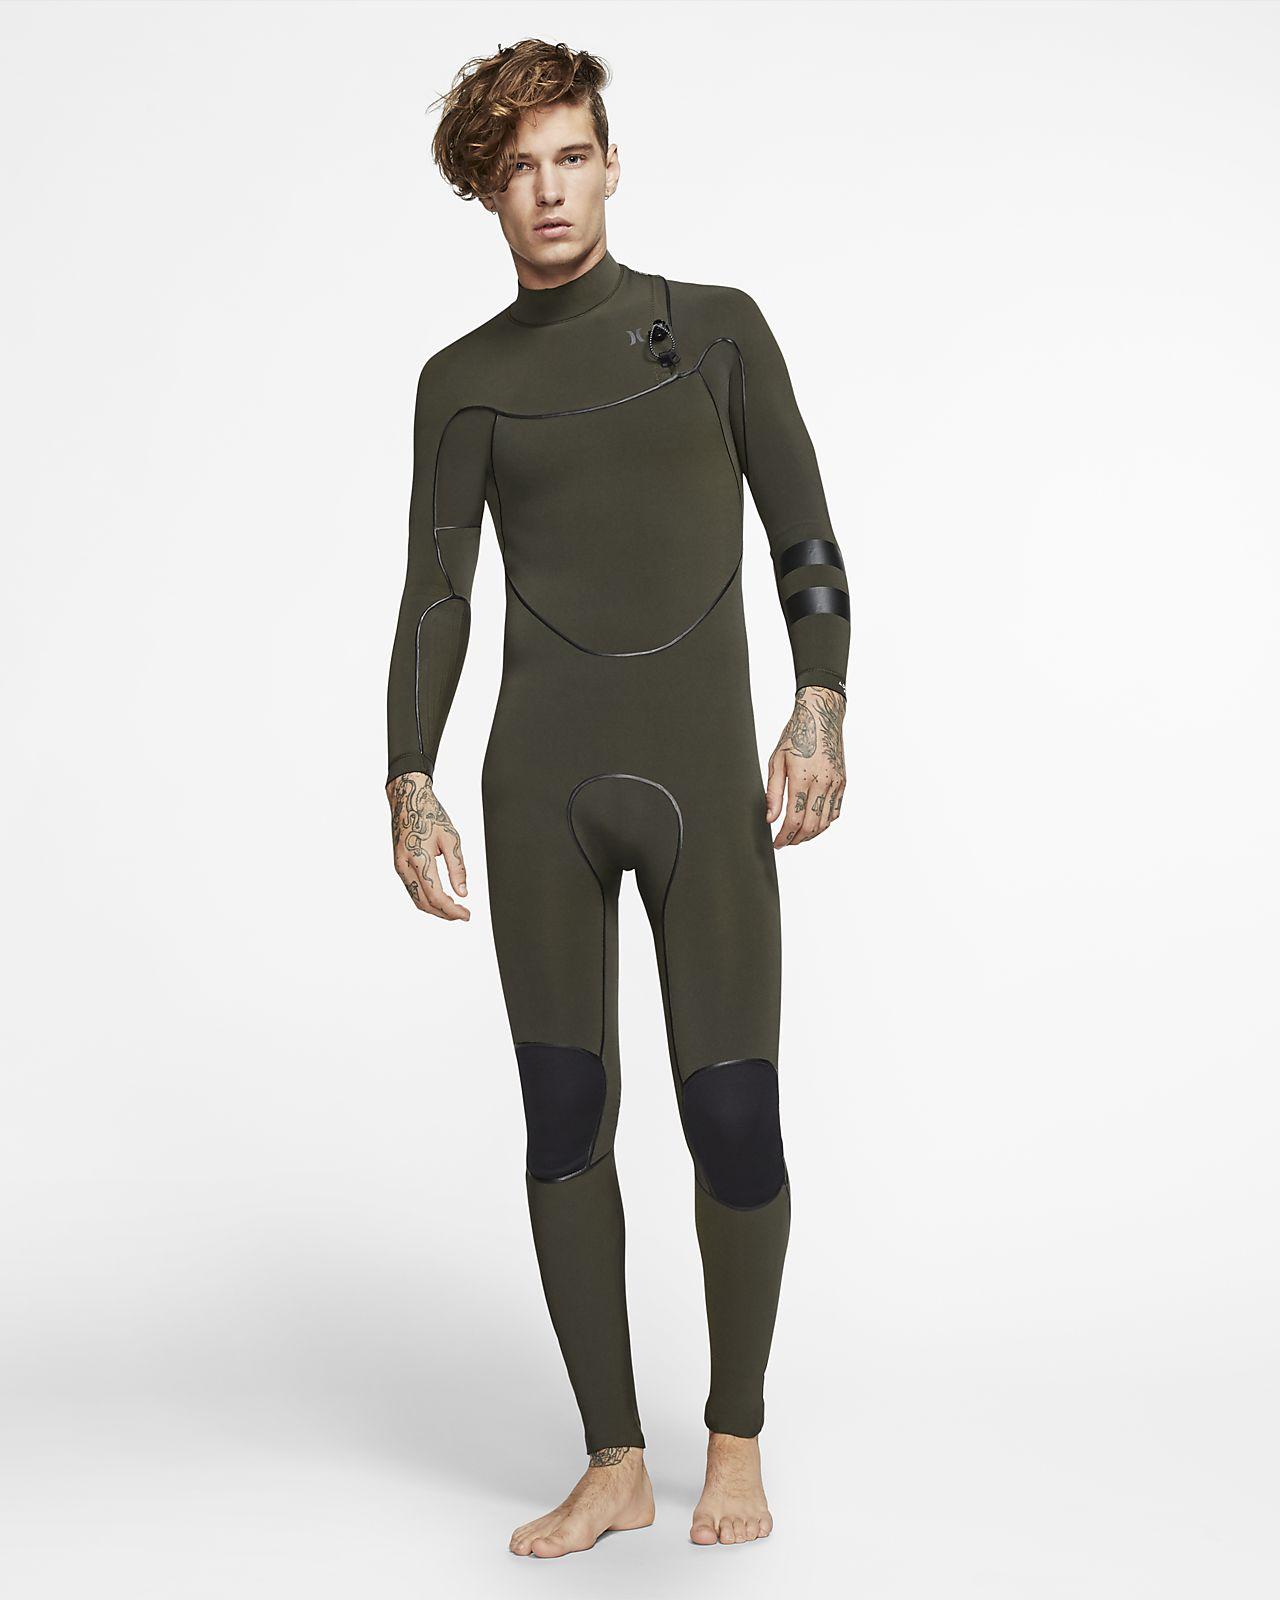 Hurley Advantage Max 3/2mm Fullsuit Men's Wetsuit